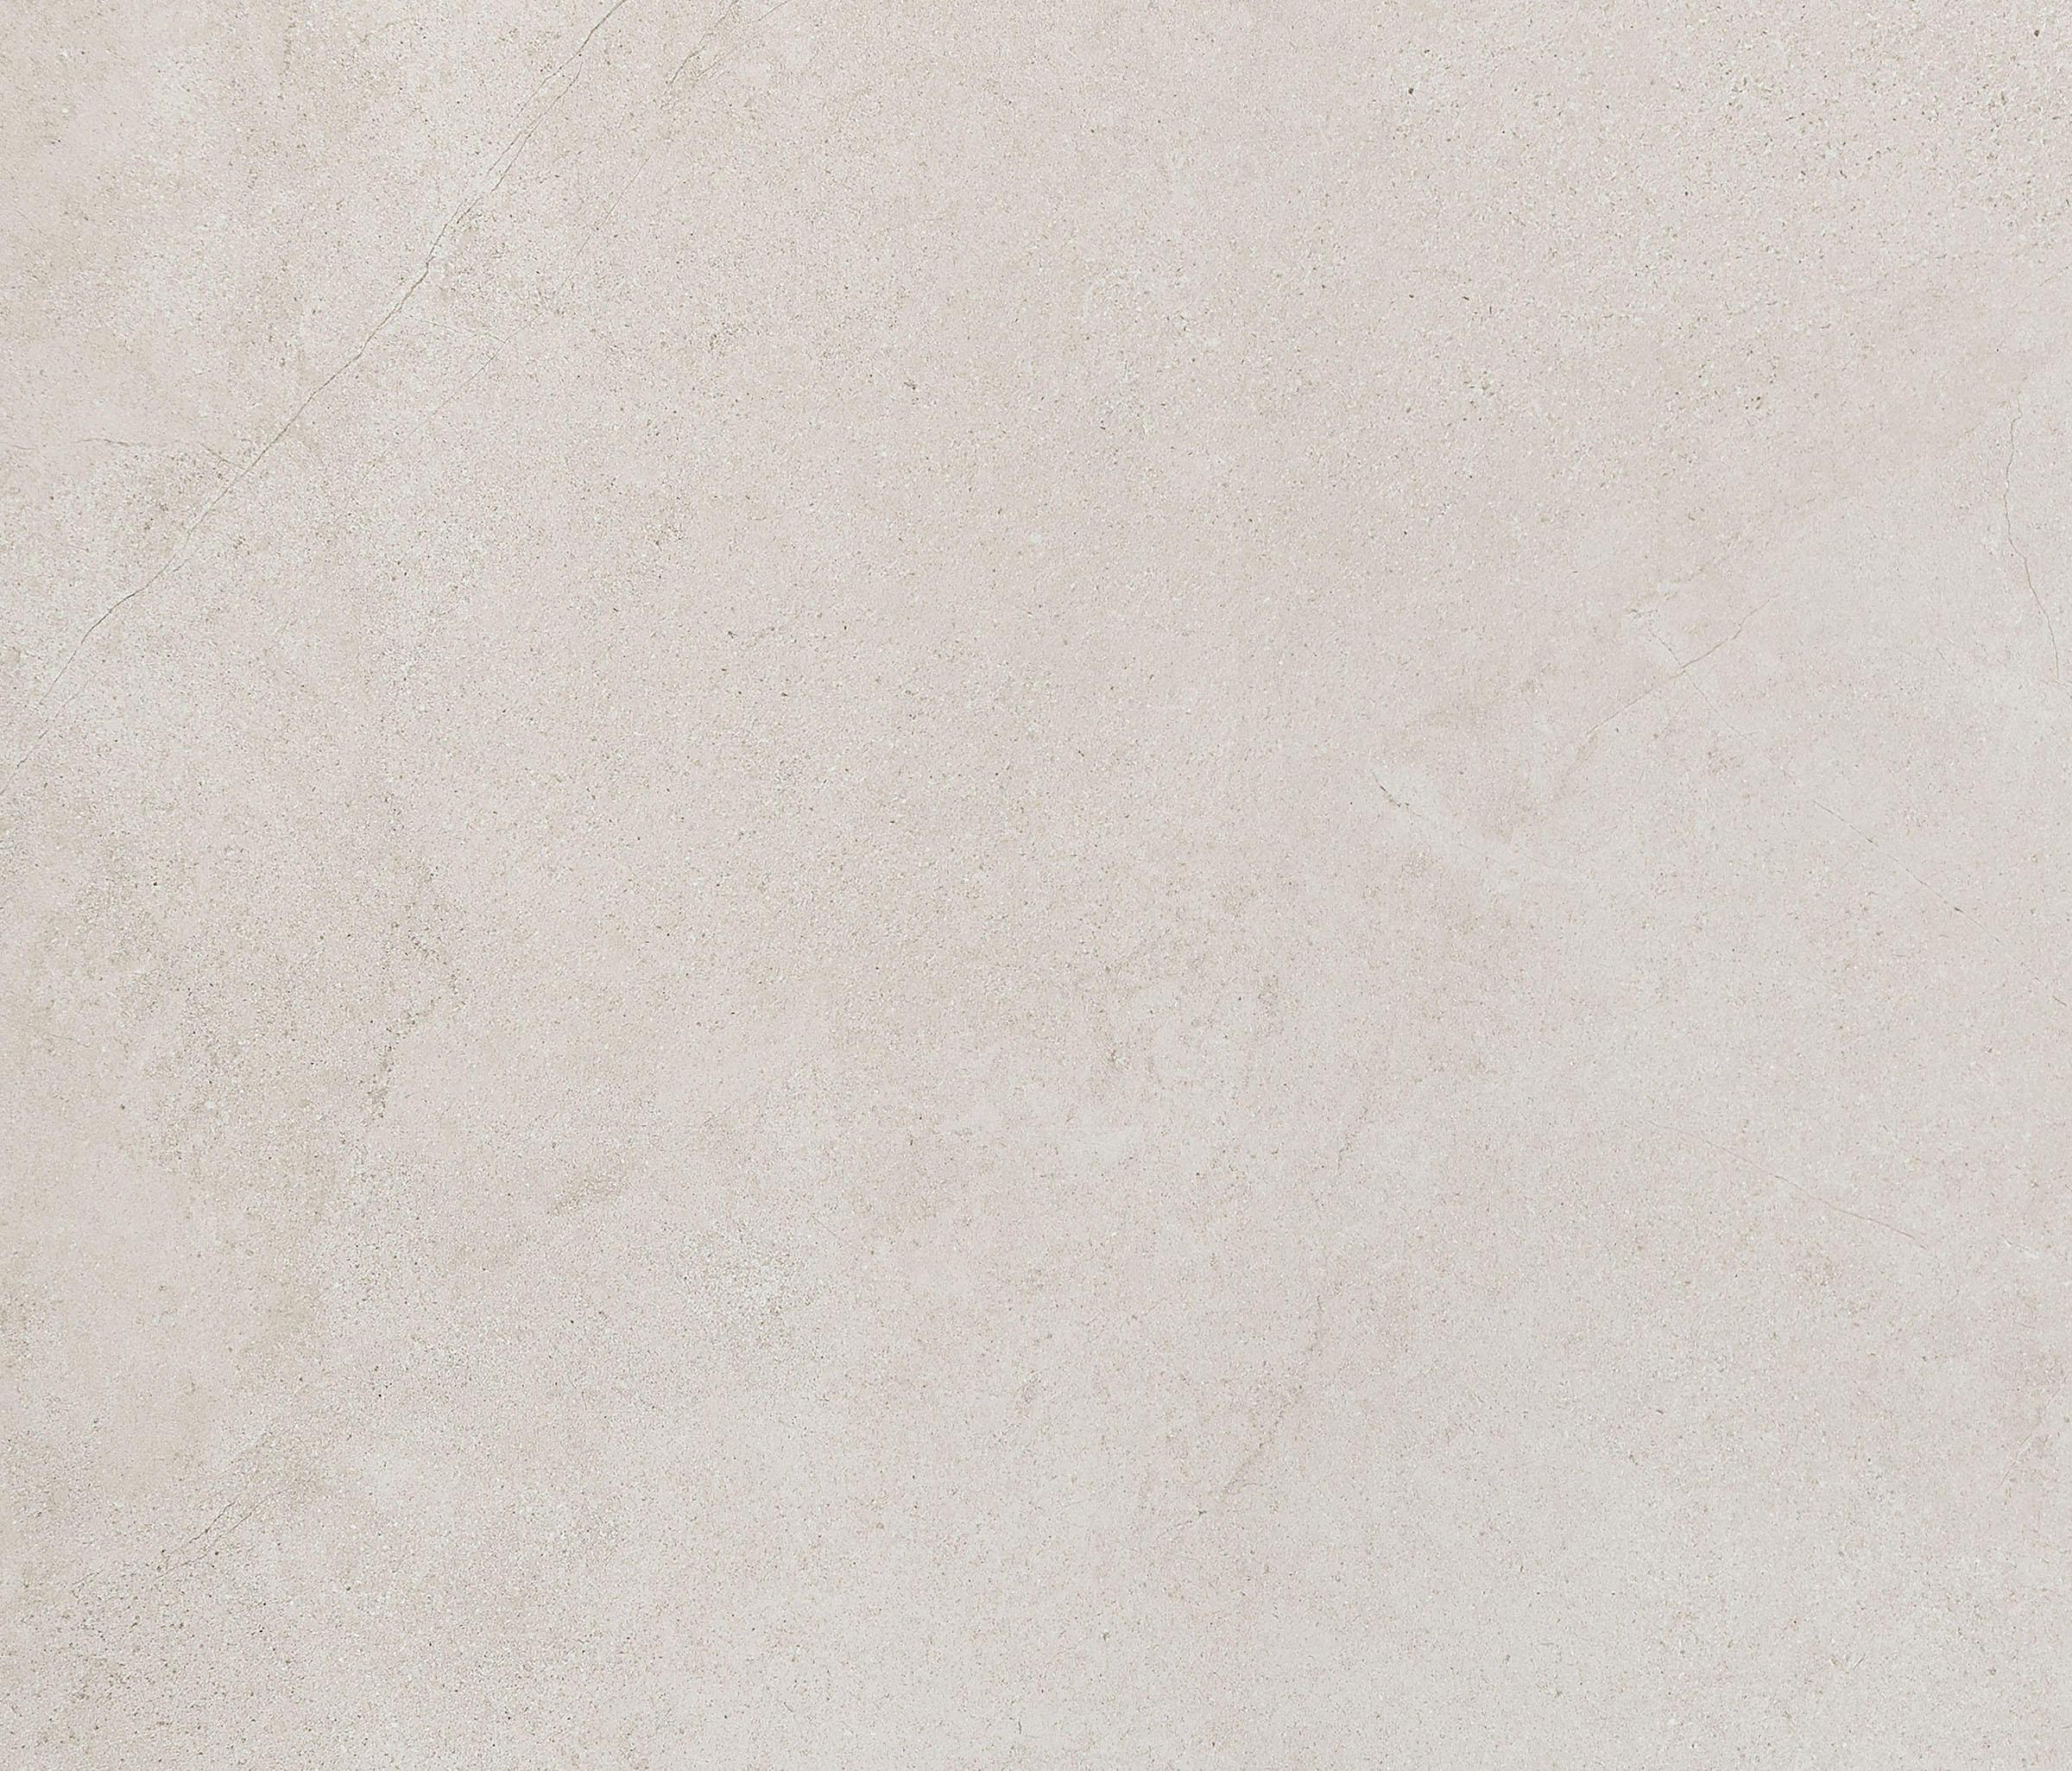 Marazzi Mystone Kashmir Bianco